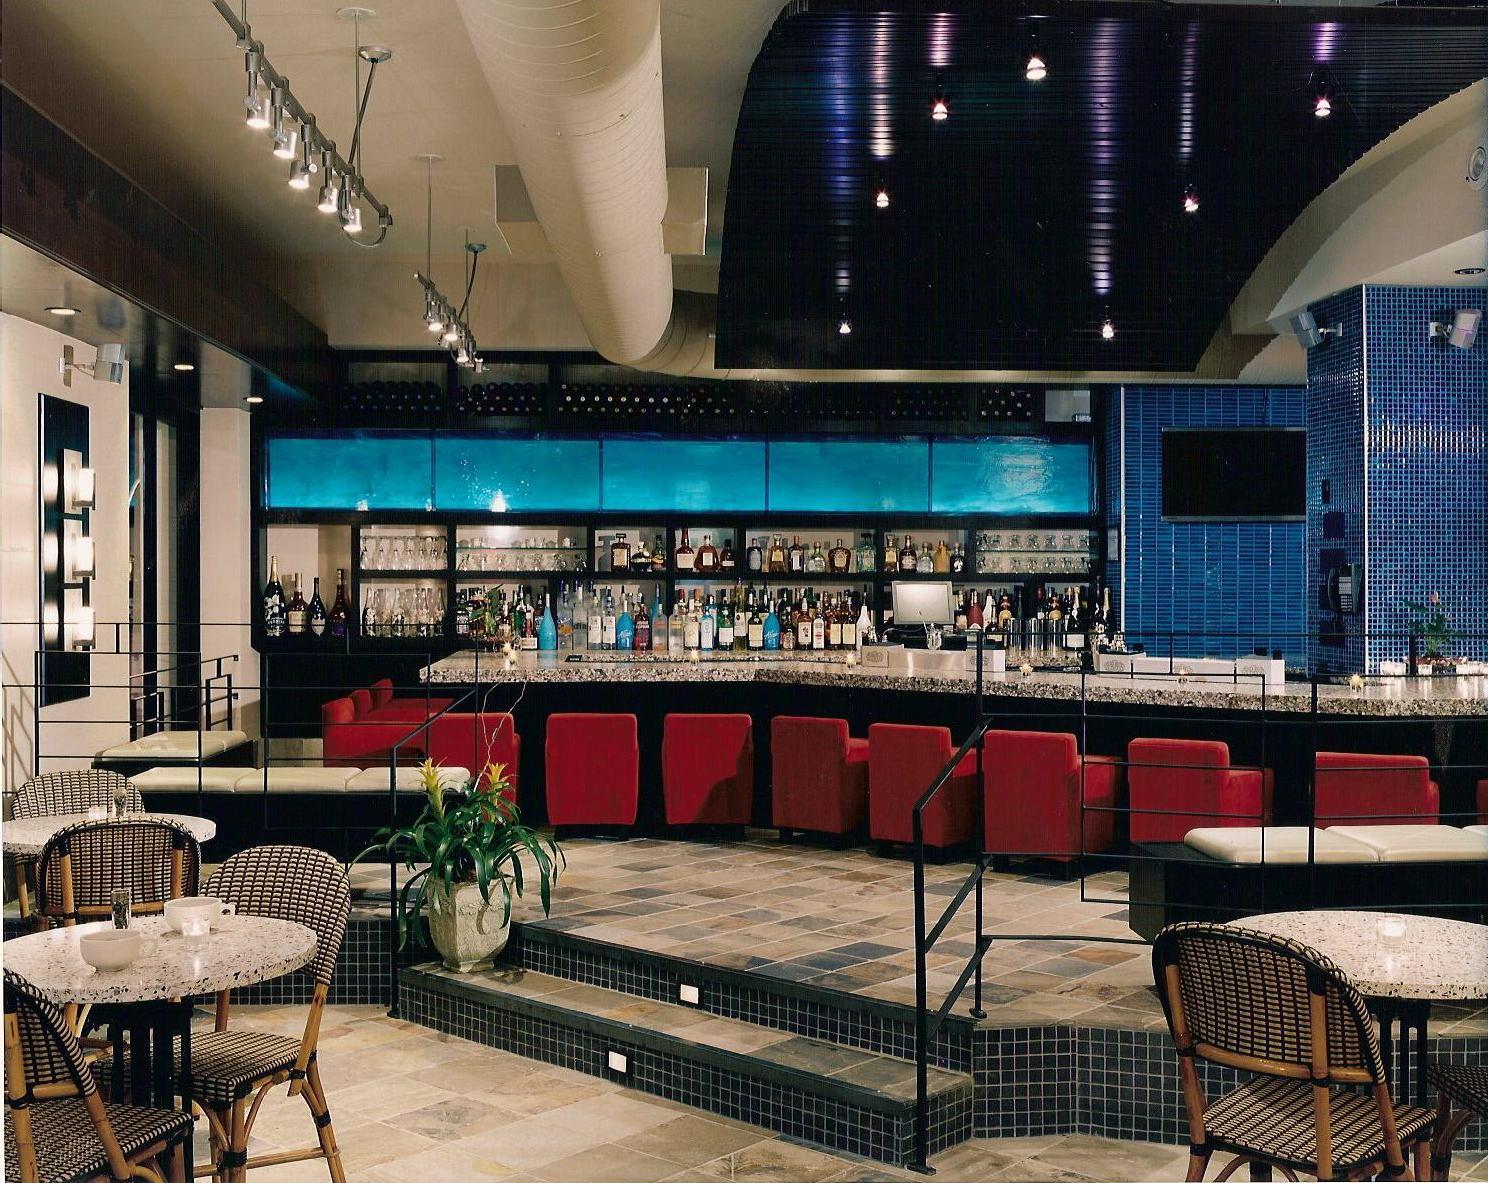 Grand Cafe - Astoria, NY